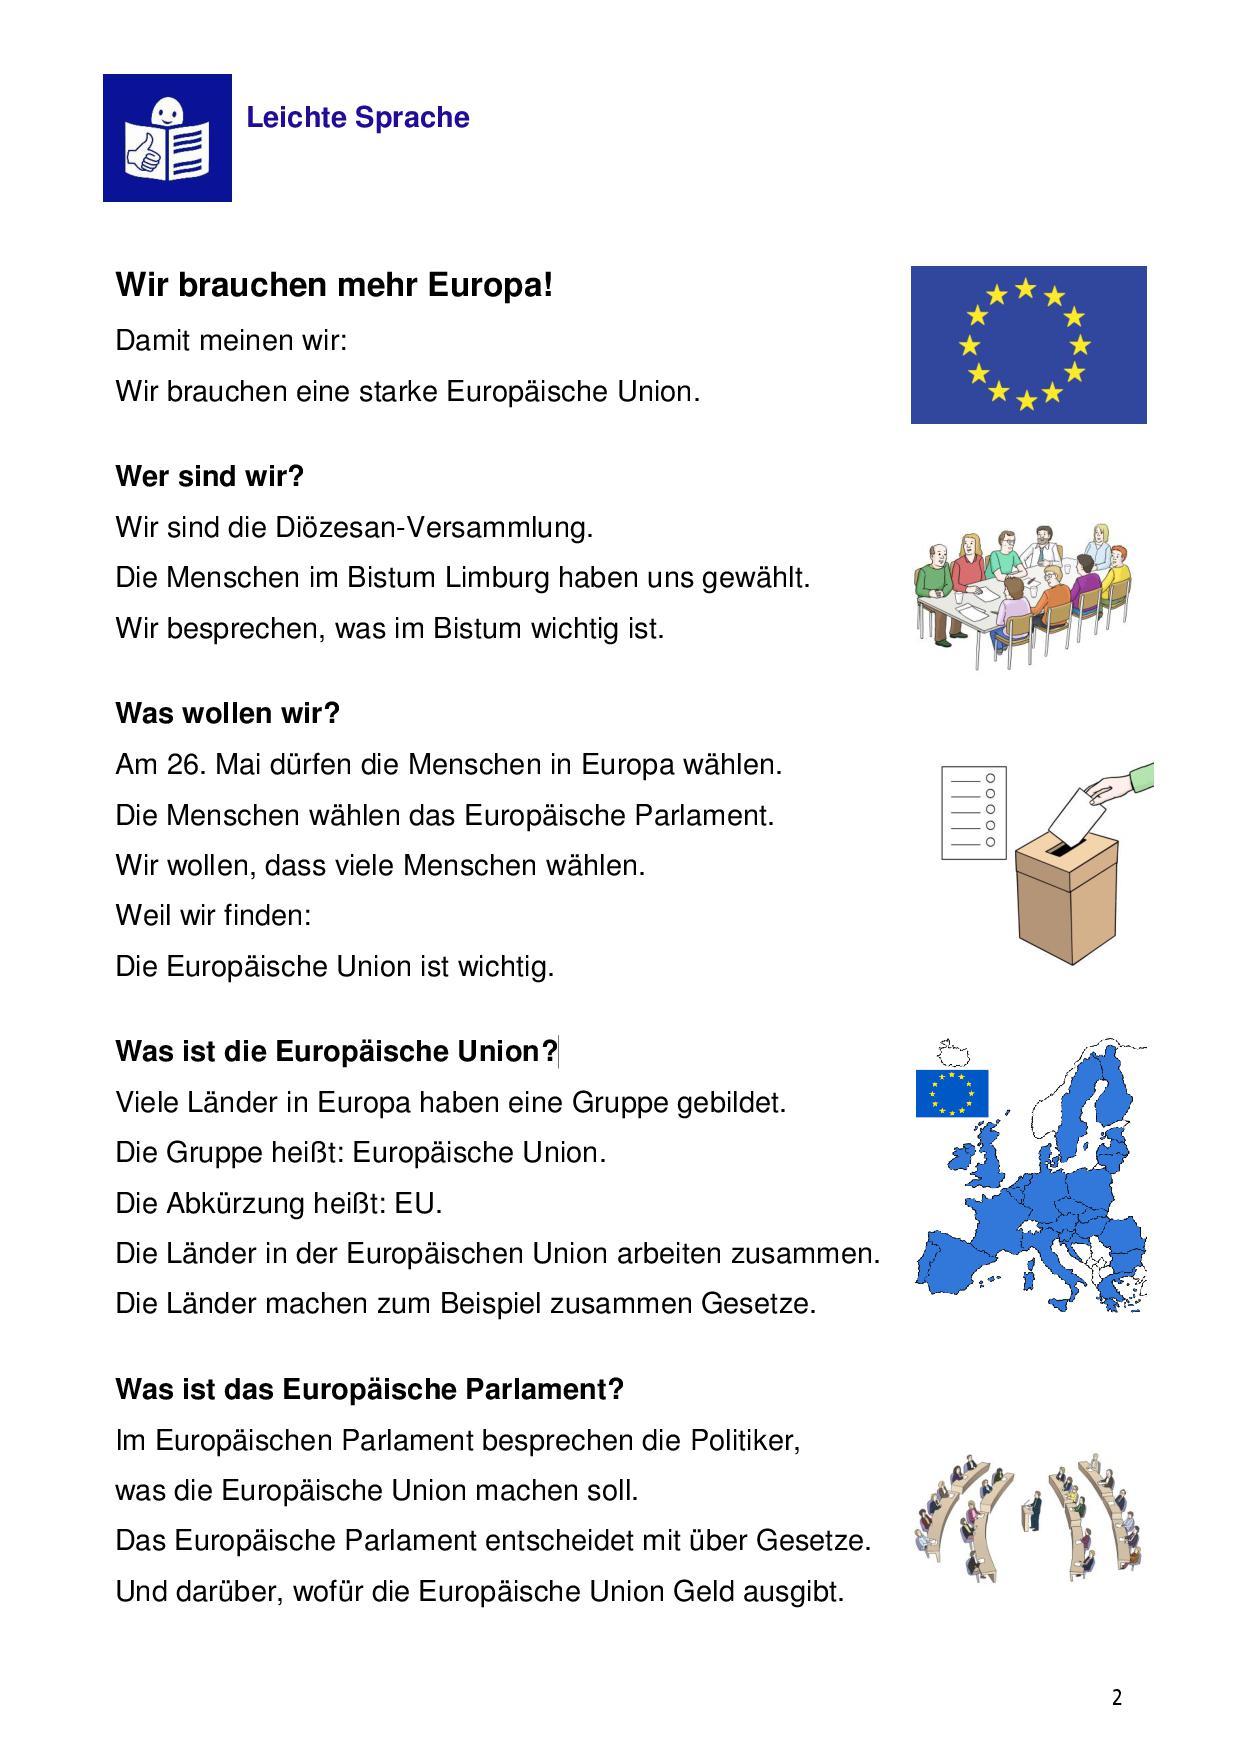 E 2019 7 Wahlaufruf Europawahl + Übersetzung FINAL-002